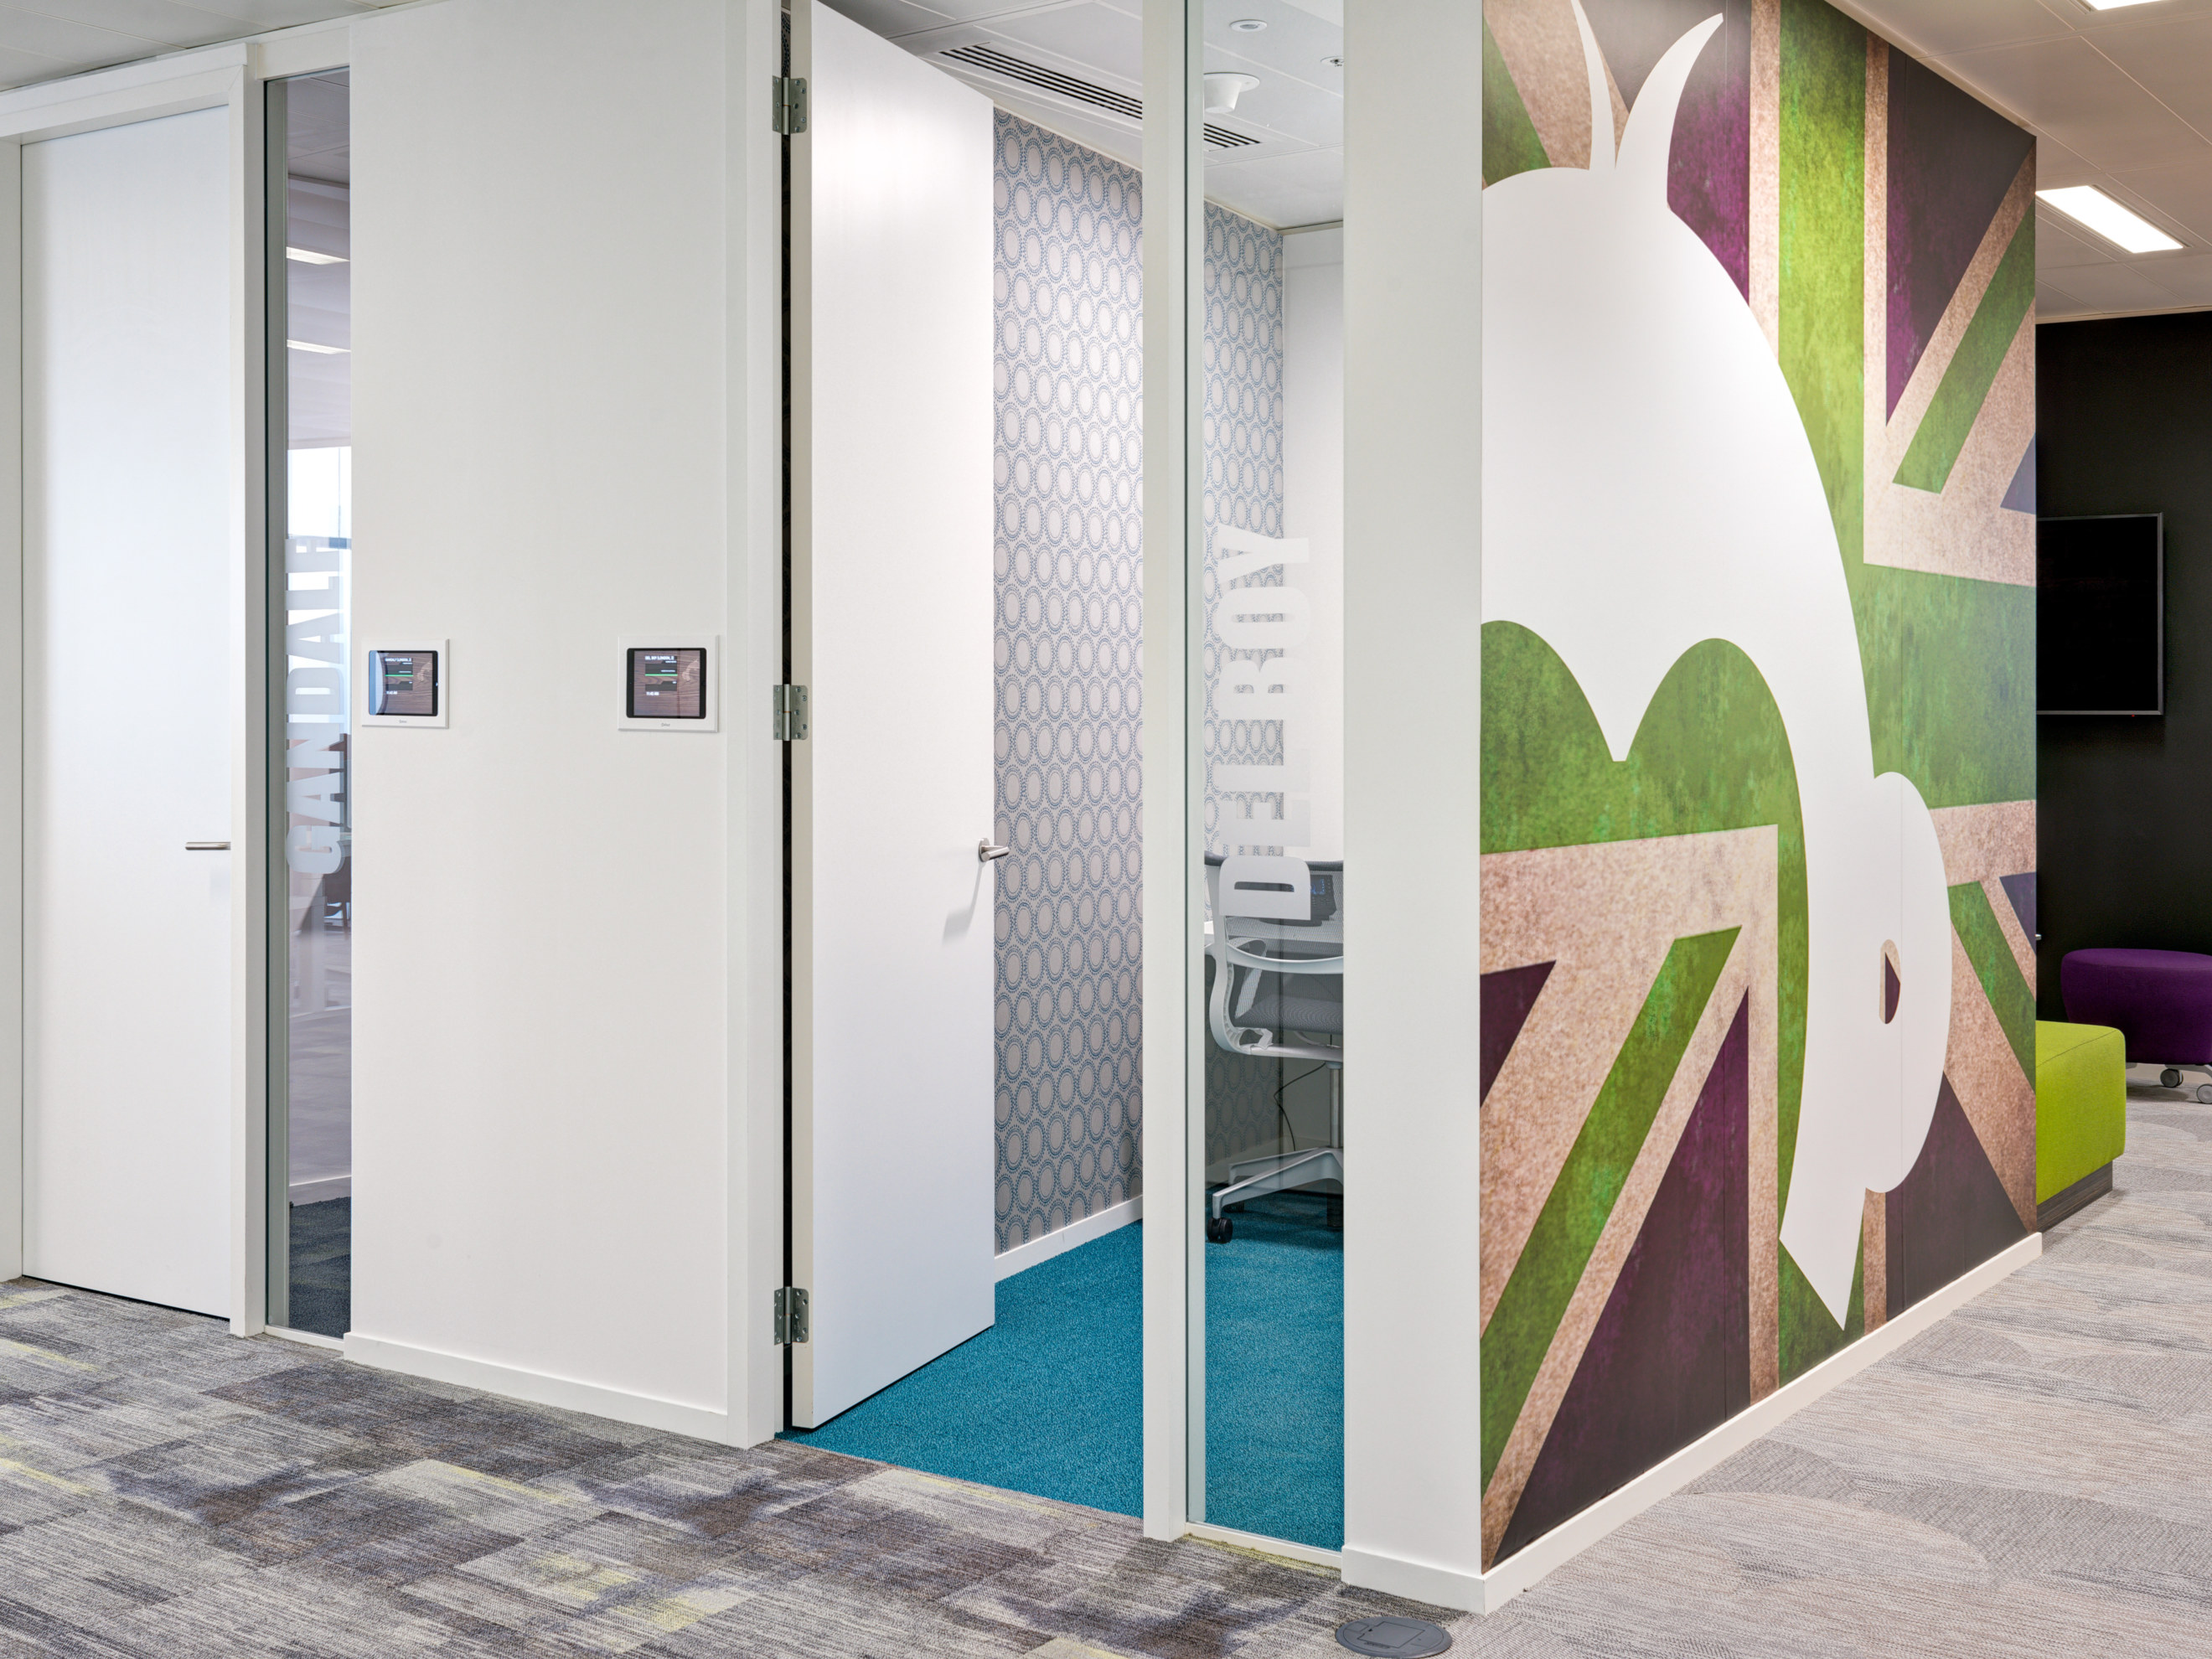 SurveyMonkey Office Design & Fit Out - Case Study | Oktra